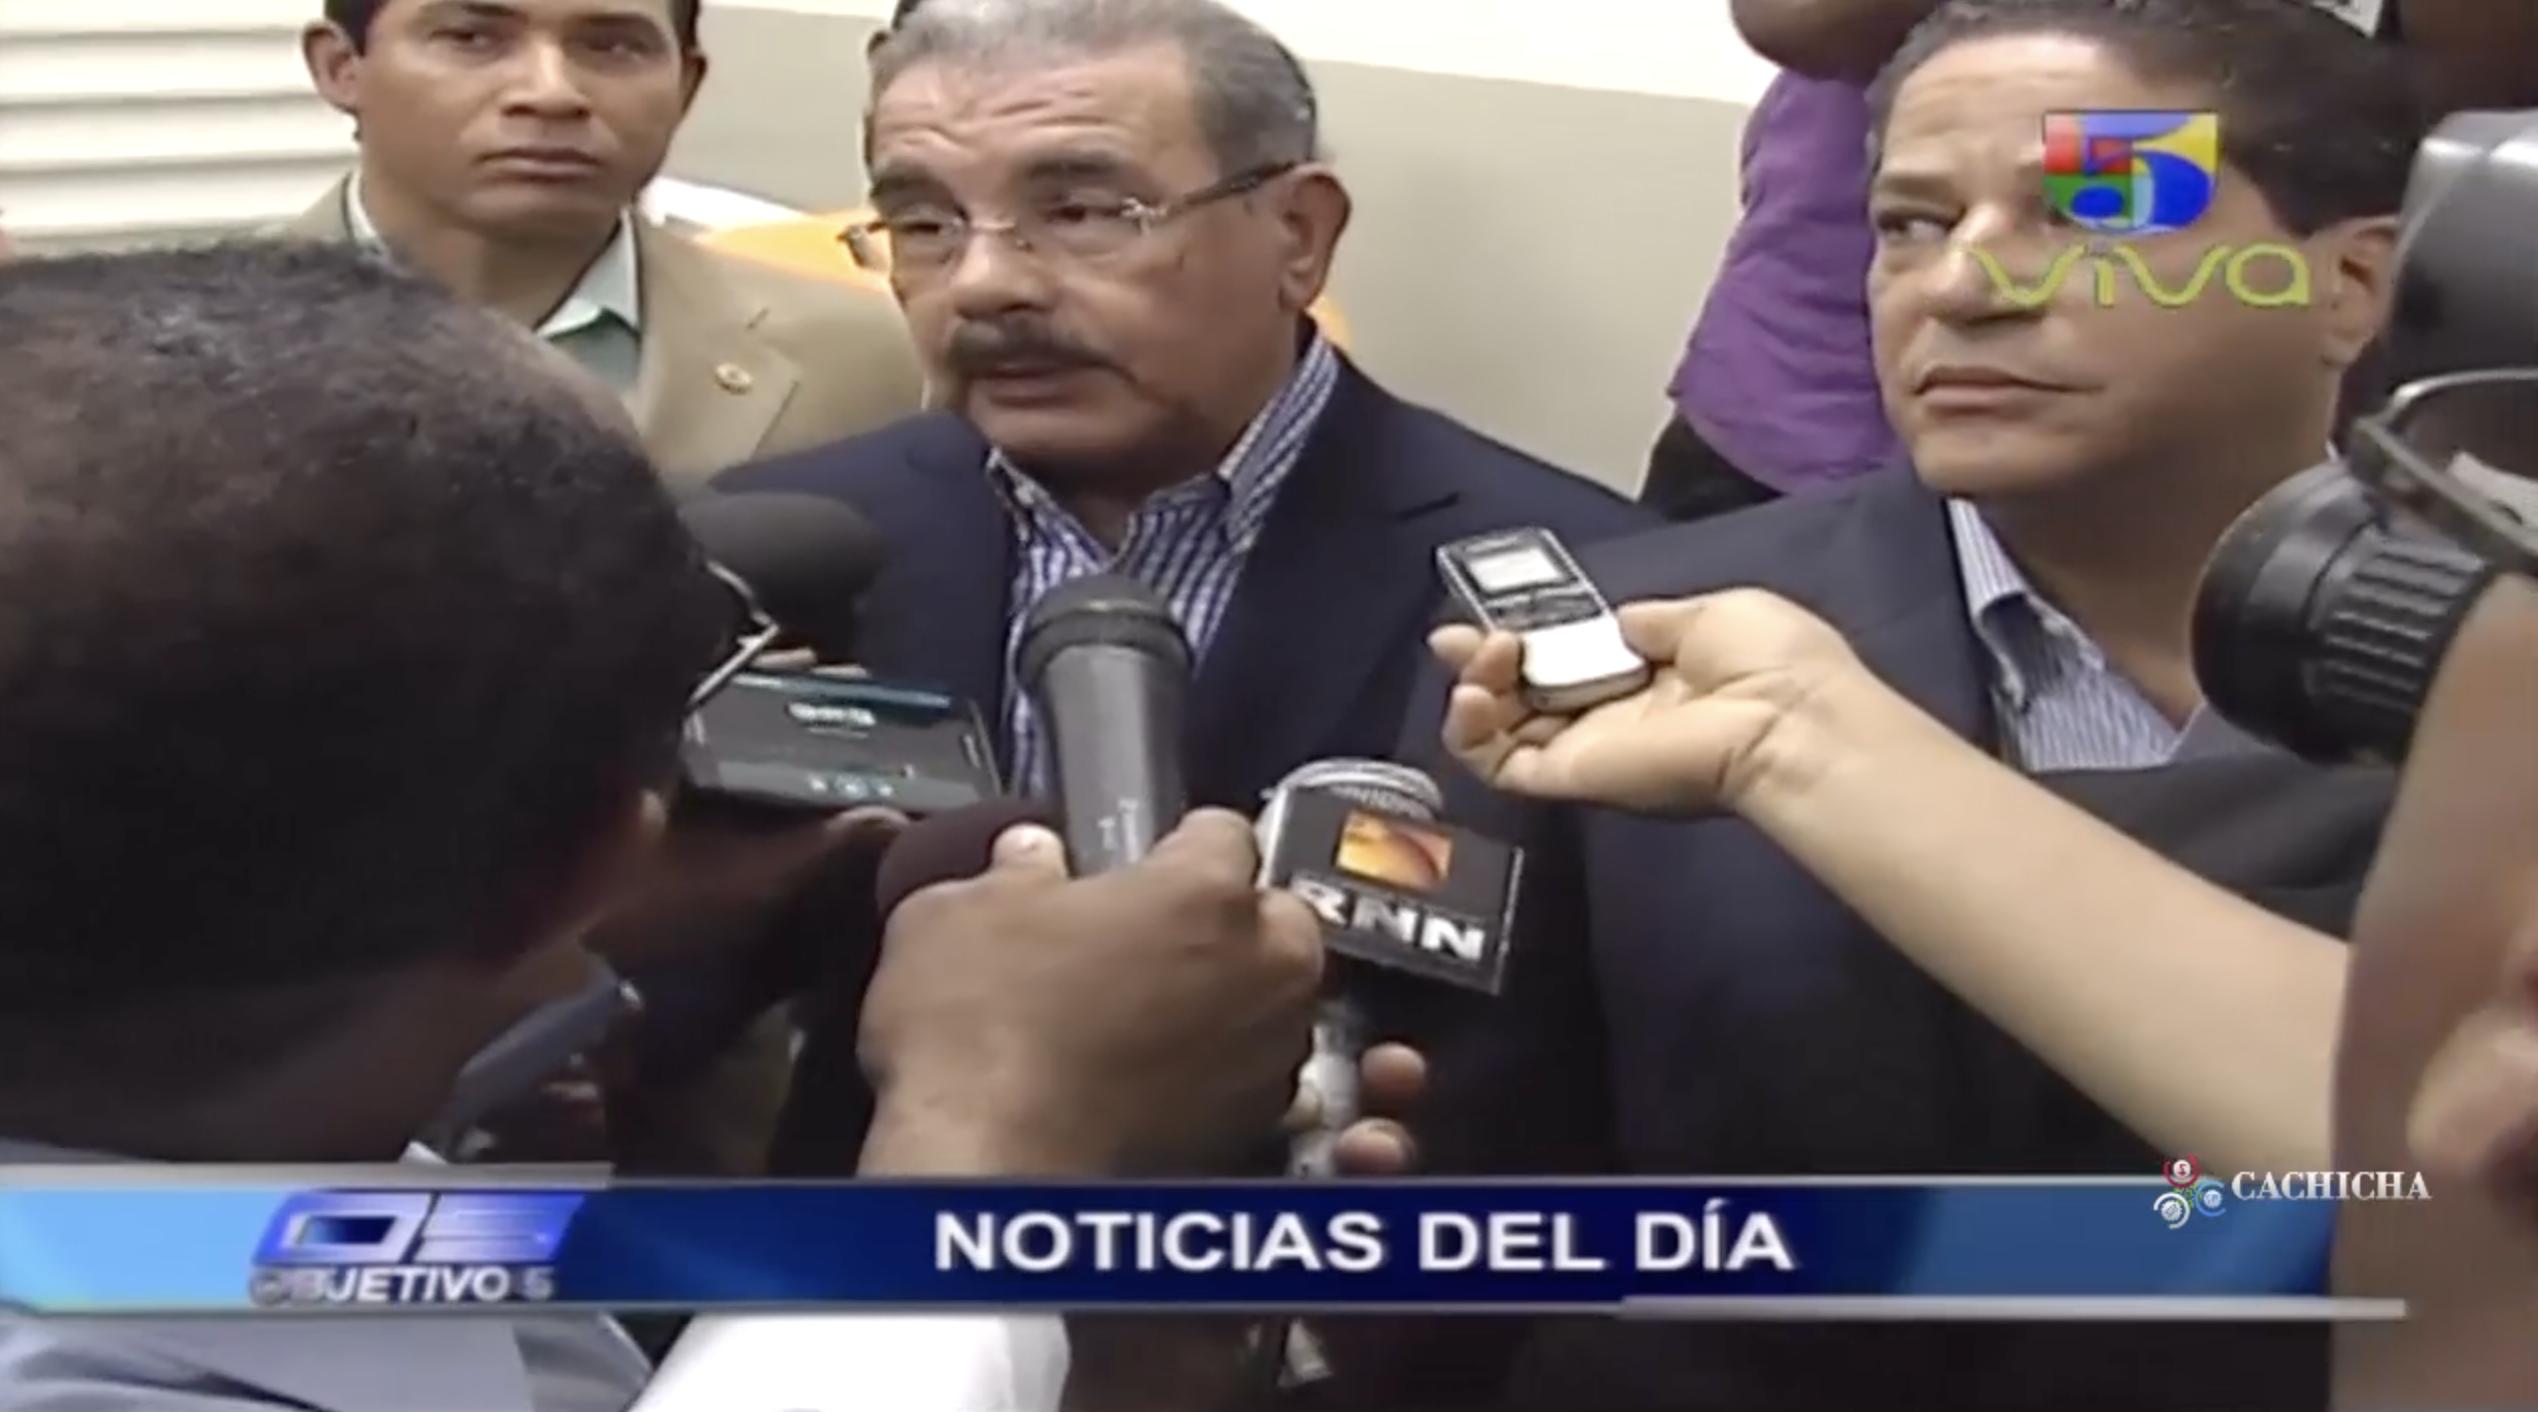 Objetivo 5: Este Fue El Mensaje De Danilo Medina Para El 2018 Para Todos Los Dominicanos